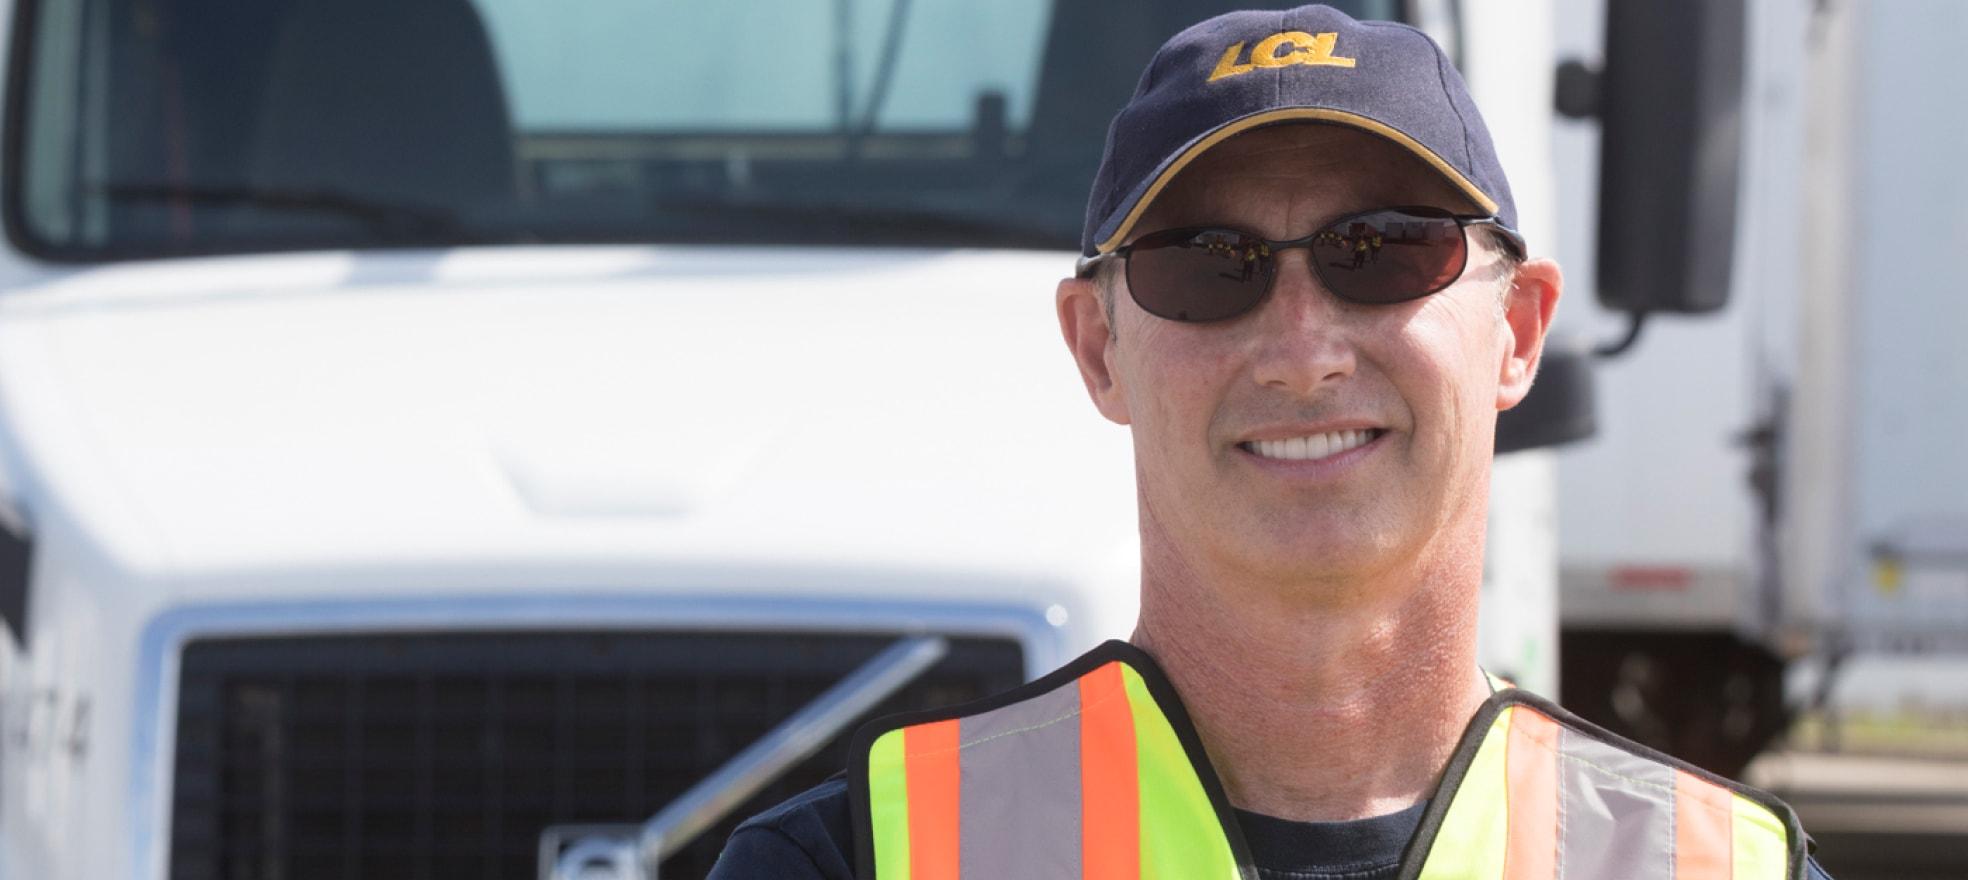 Homme portant une veste de sécurité souriant devant un camion.